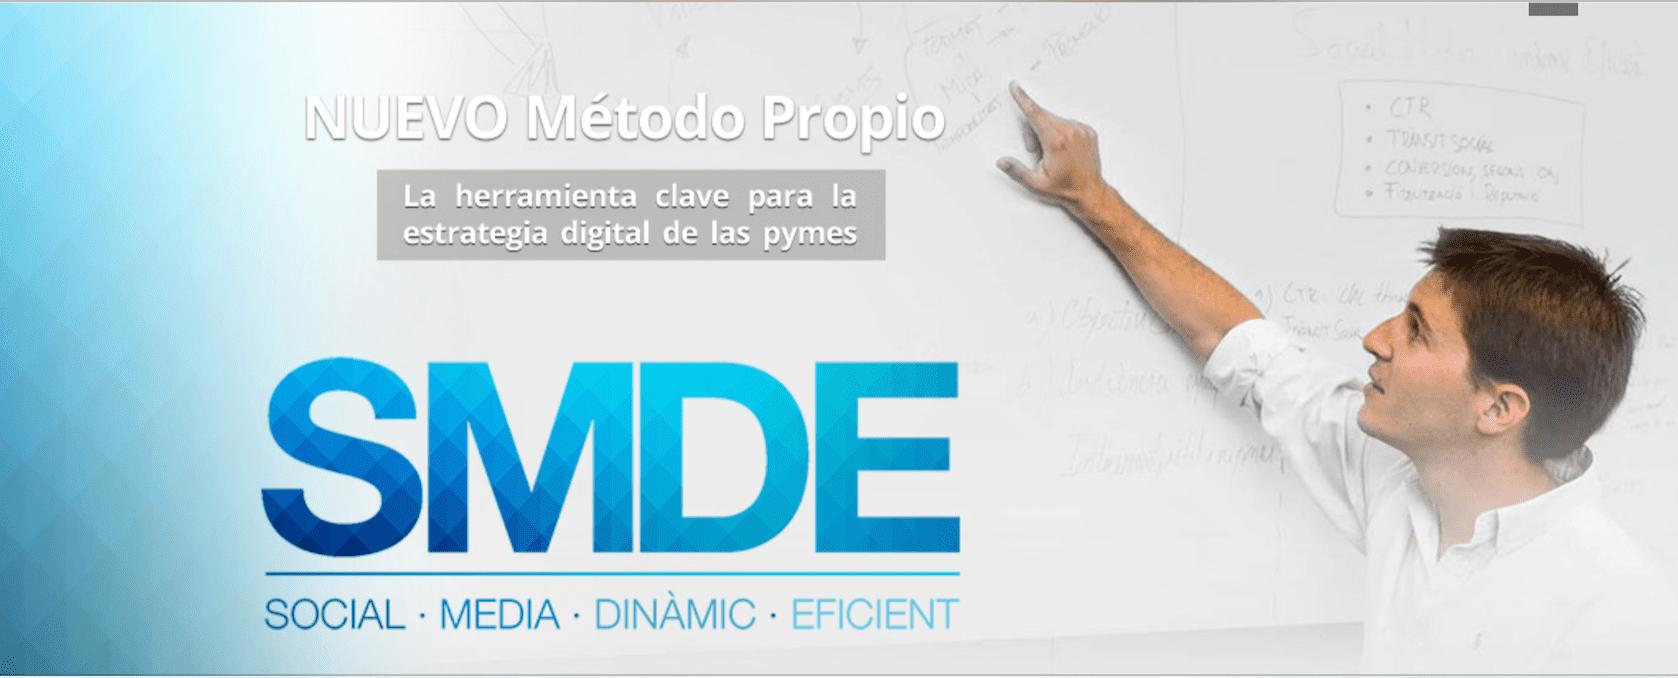 e-deon.net crea SMDE, un nuevo método para calcular el retorno de la inversión en los Social Media